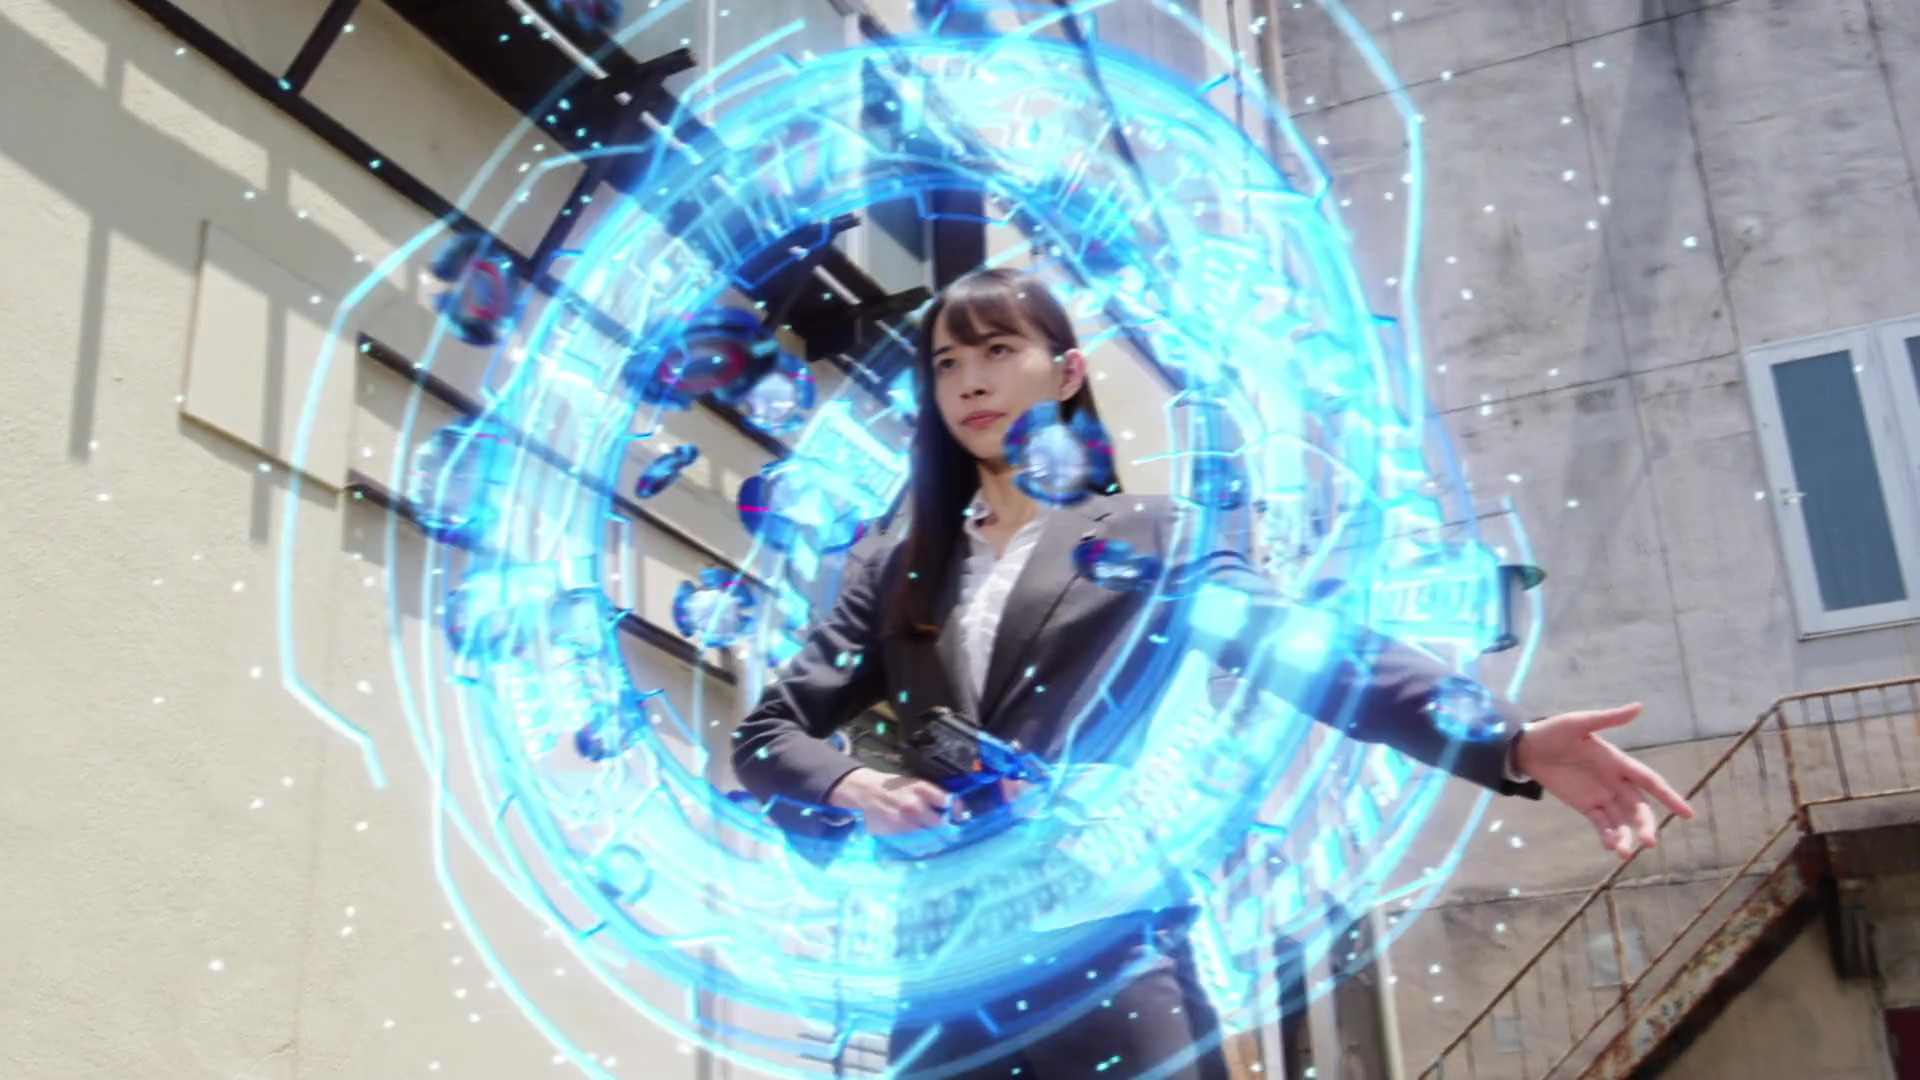 Kamen Rider Zero One Episode 3 Recap